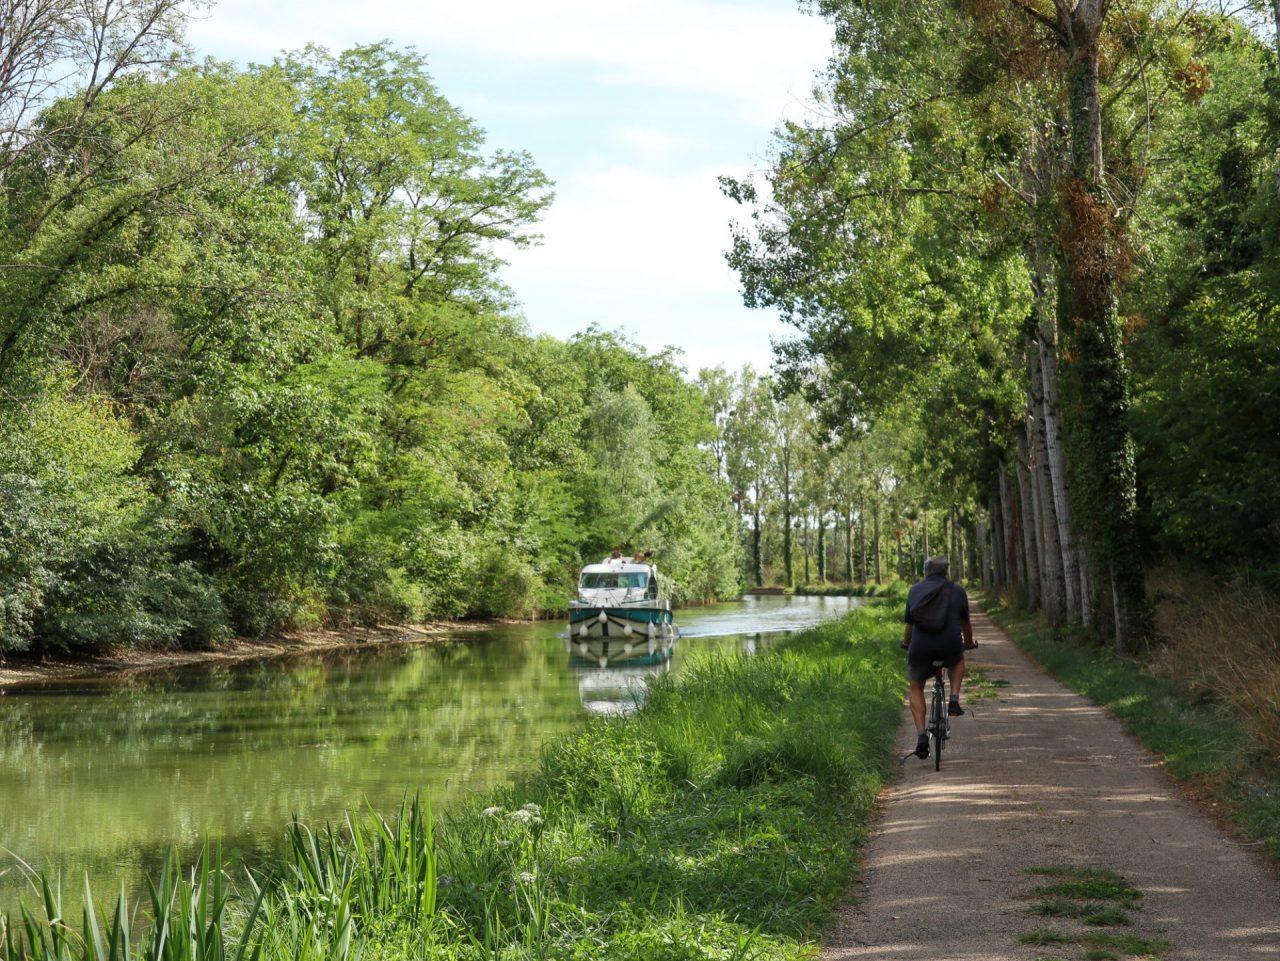 bourgogne-yonne-canal-de-bourgogne-chemin-de-halage-cycliste-peniche-francois